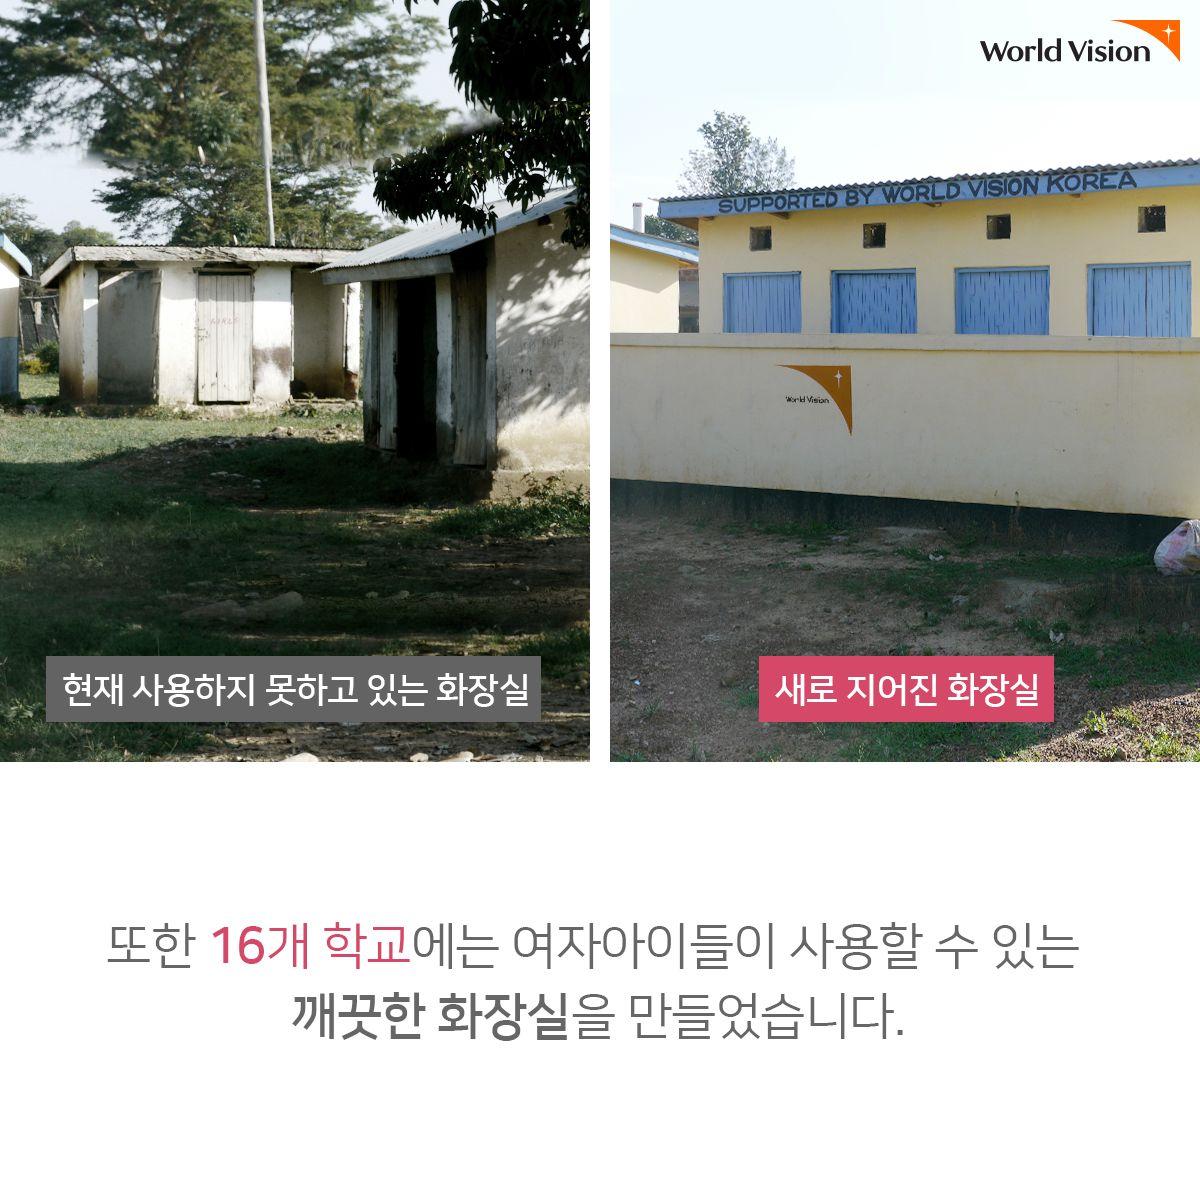 또한 16개 학교에는 여자아이들이 사용할 수 있는 깨끗한 화장실을 만들었습니다.